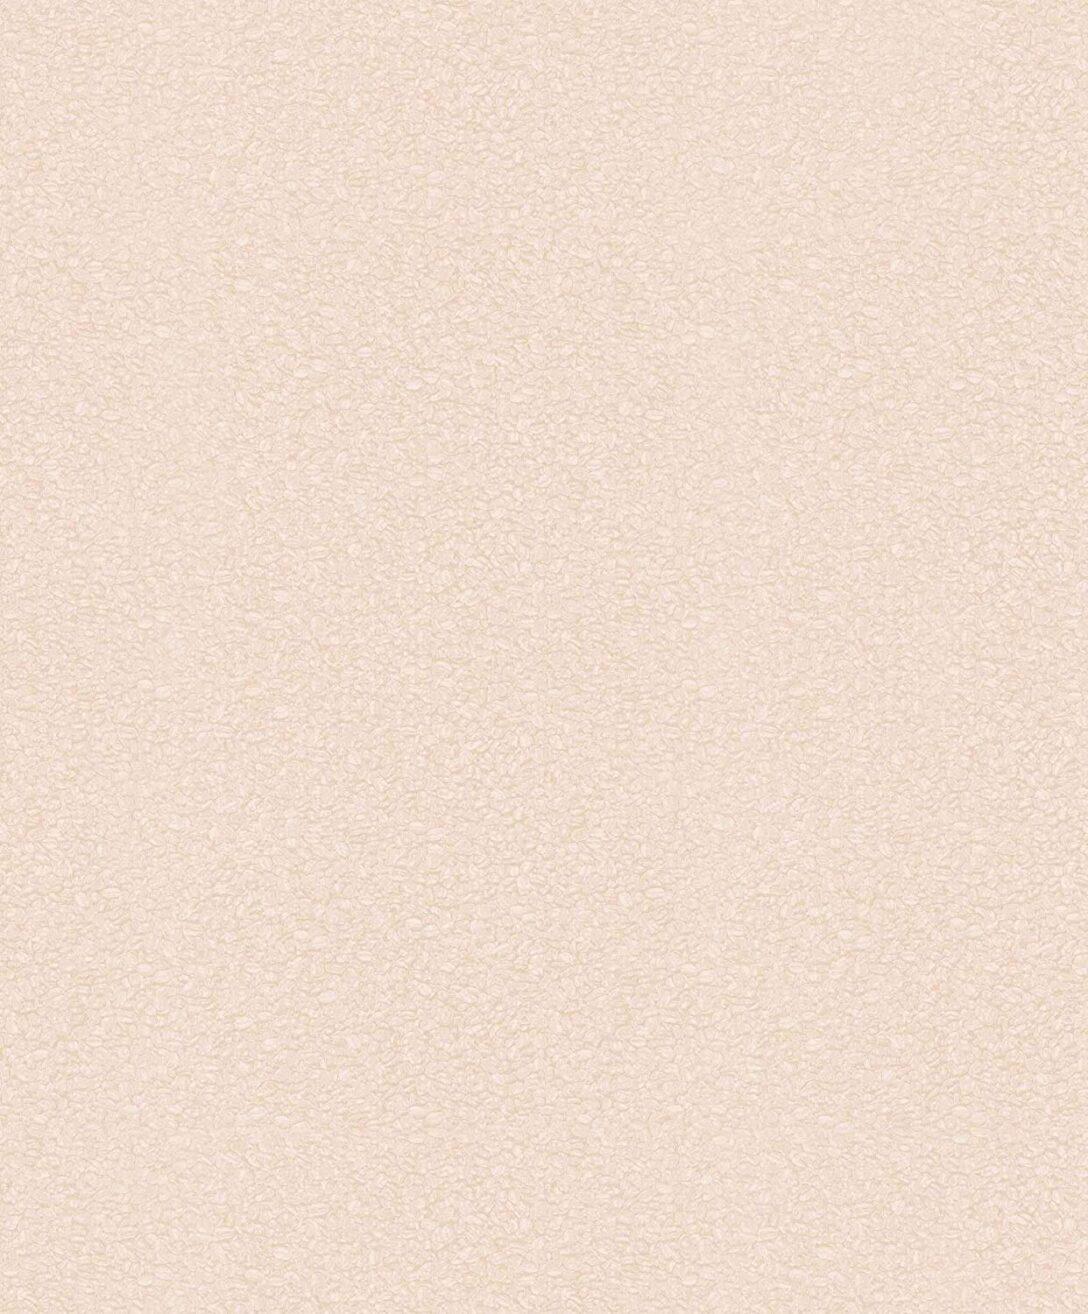 Large Size of Küchentapete Landhaus Newroom Tapete Beige Bohnen Schirft Vliestapete Vlies Moderne Landhausküche Weiß Sofa Landhausstil Schlafzimmer Regal Weisse Wohnzimmer Küchentapete Landhaus